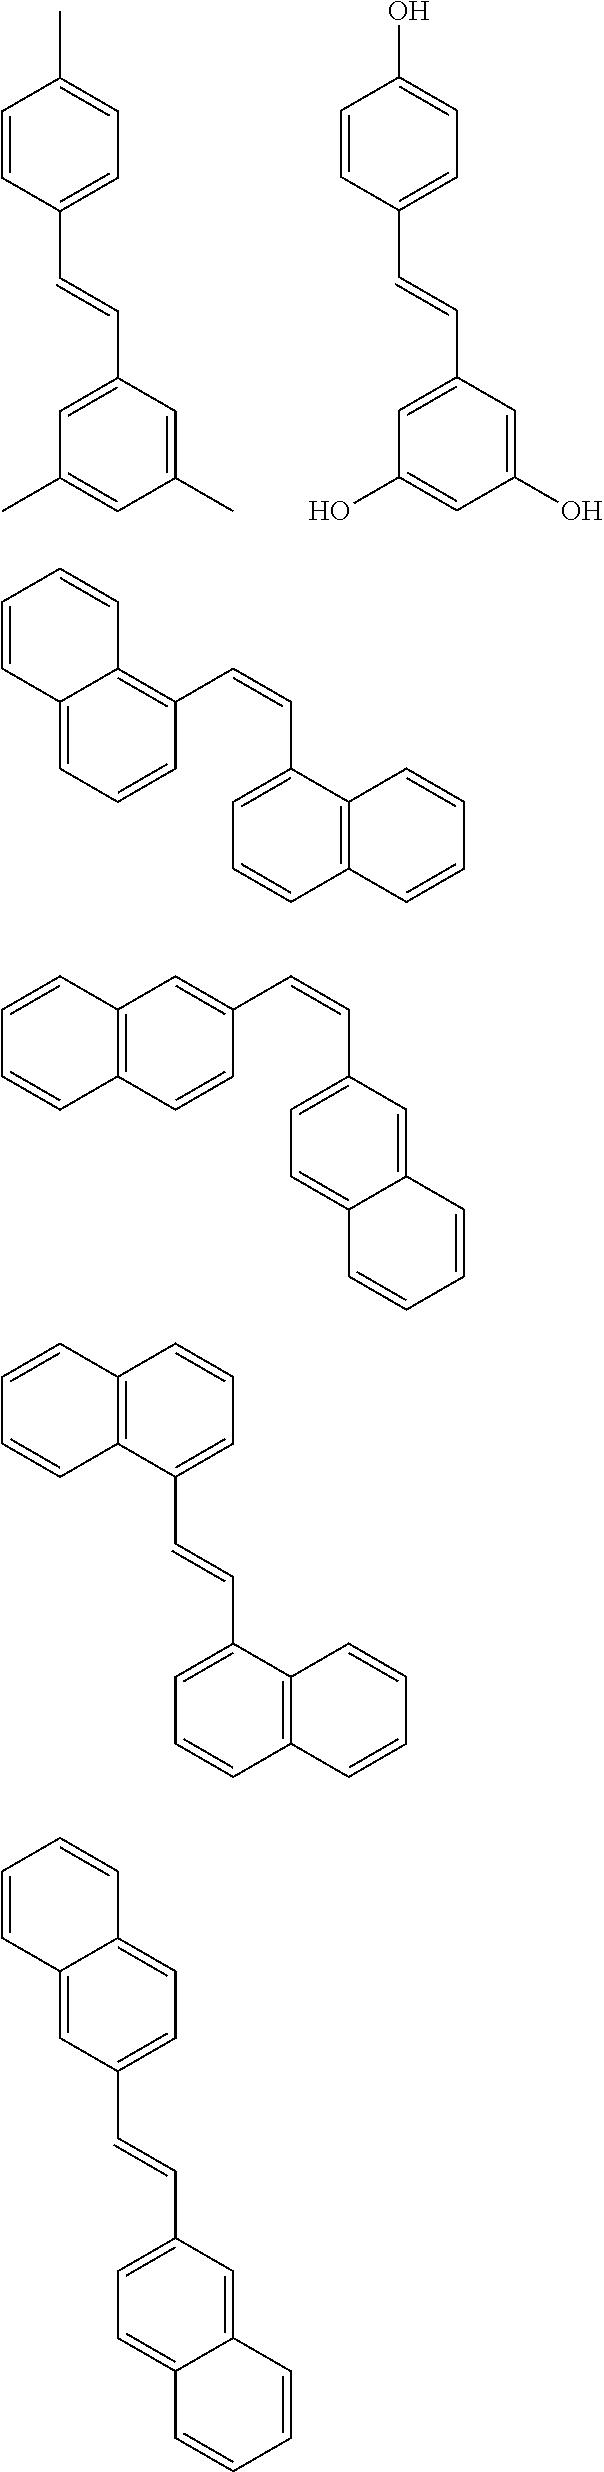 Figure US09040223-20150526-C00027